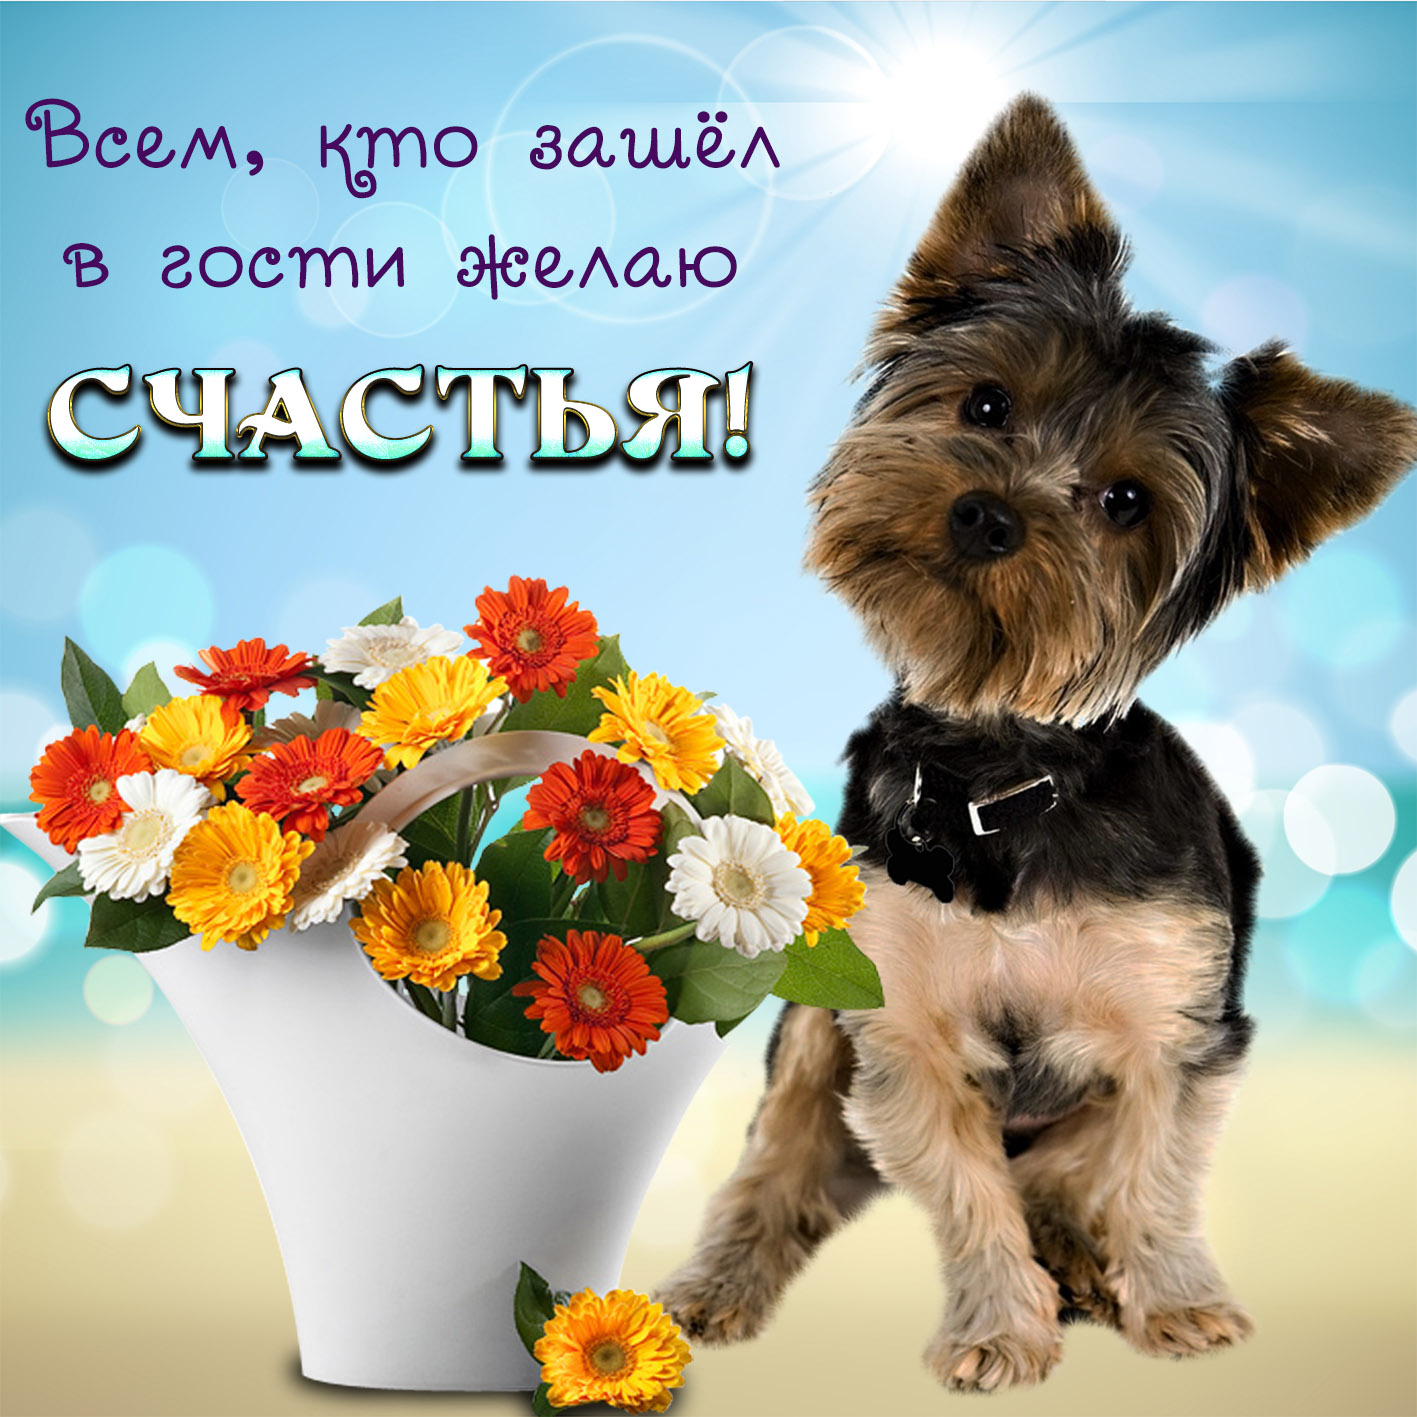 Картинка с собачкой и красивым букетиком и пожелание счастья